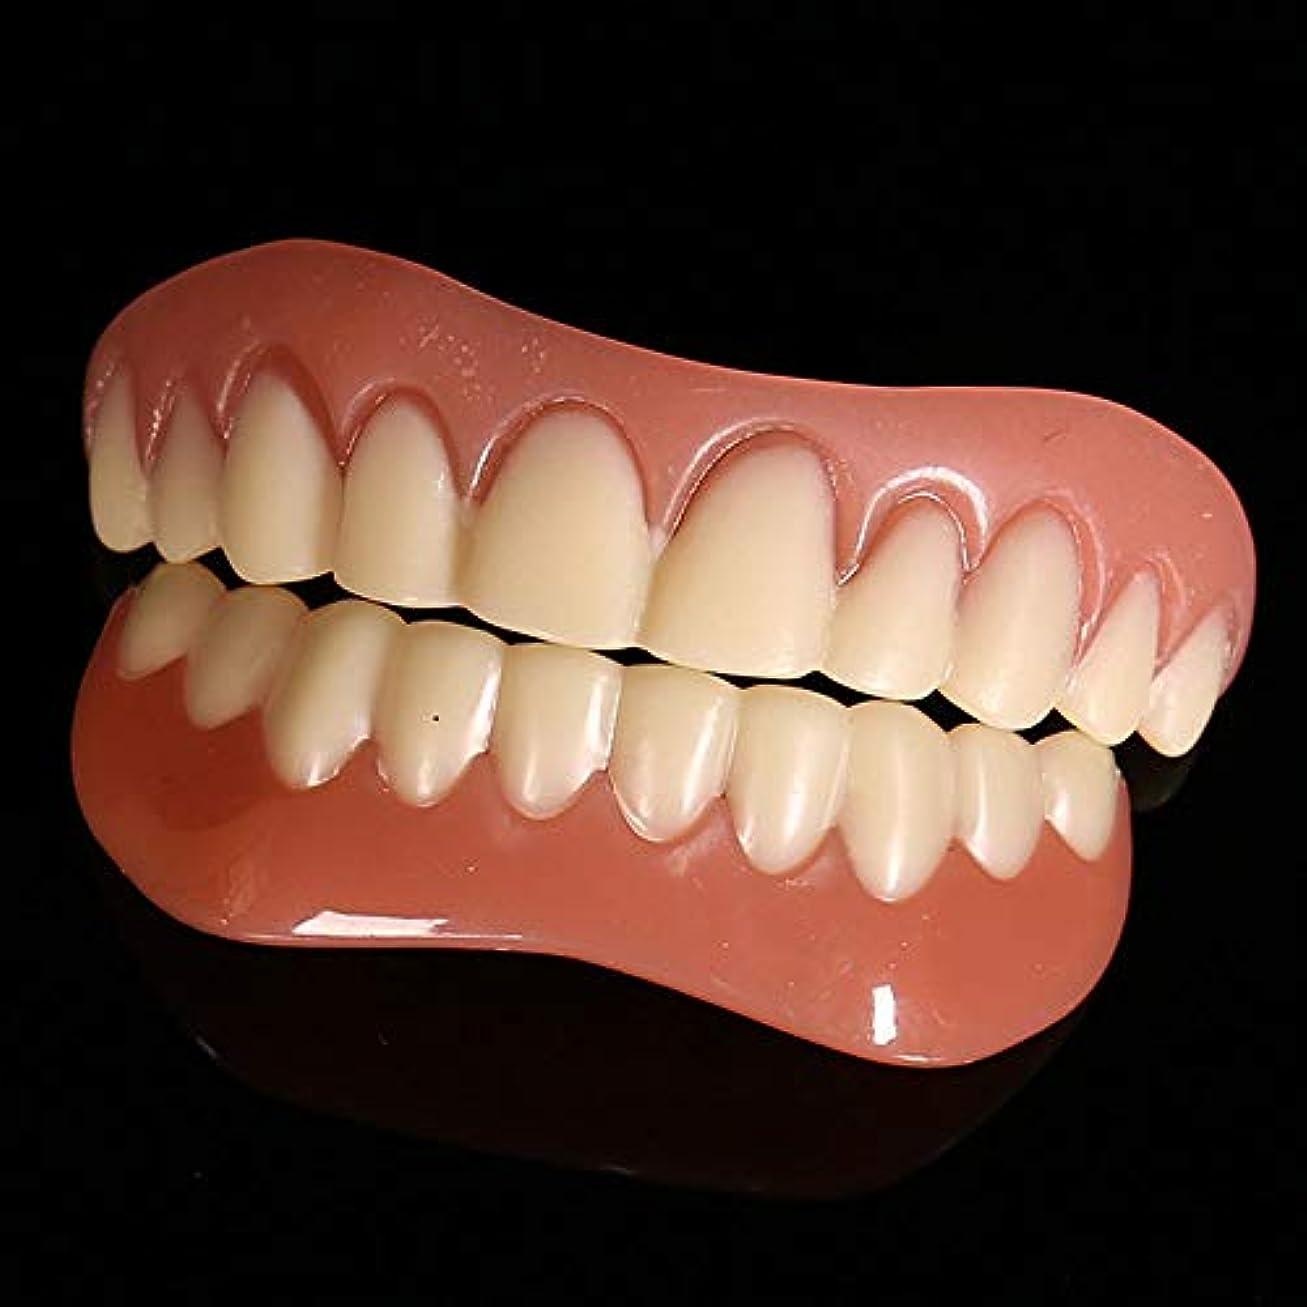 堤防太鼓腹世界に死んだ義歯シミュレーション入れ歯の6セットは、シリコーン現実的なホワイトニング中括弧を使用してサイクルを洗浄することができます